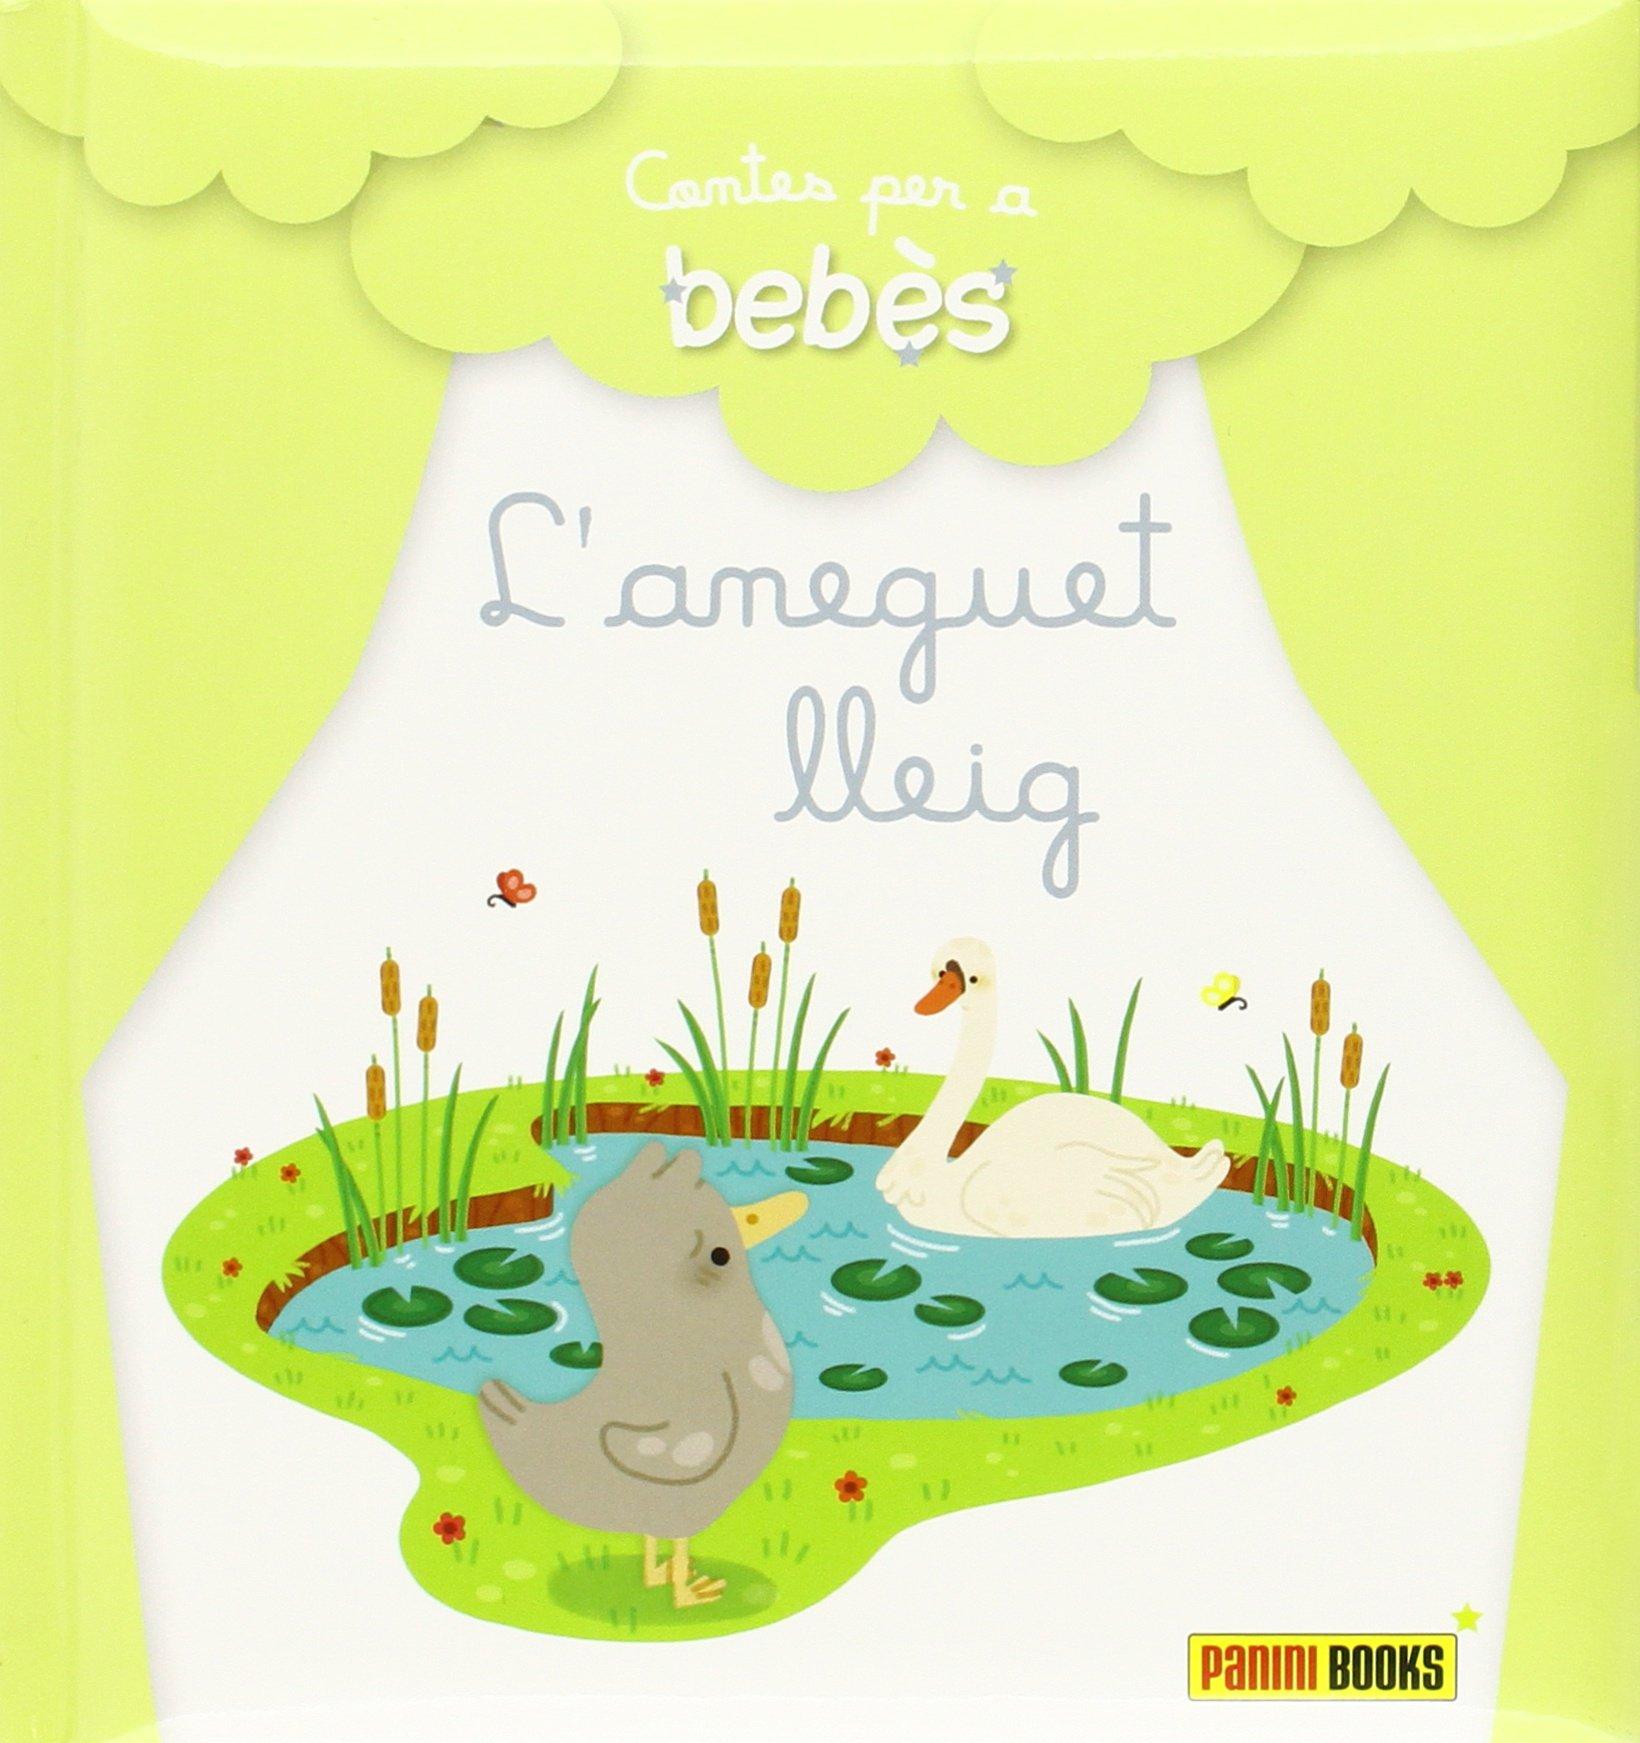 CONTES PER A BEBÈS, LANEGUET LLEIG: Amazon.es: Maëlle C., Hans Christian Andersen, Addenda: Libros